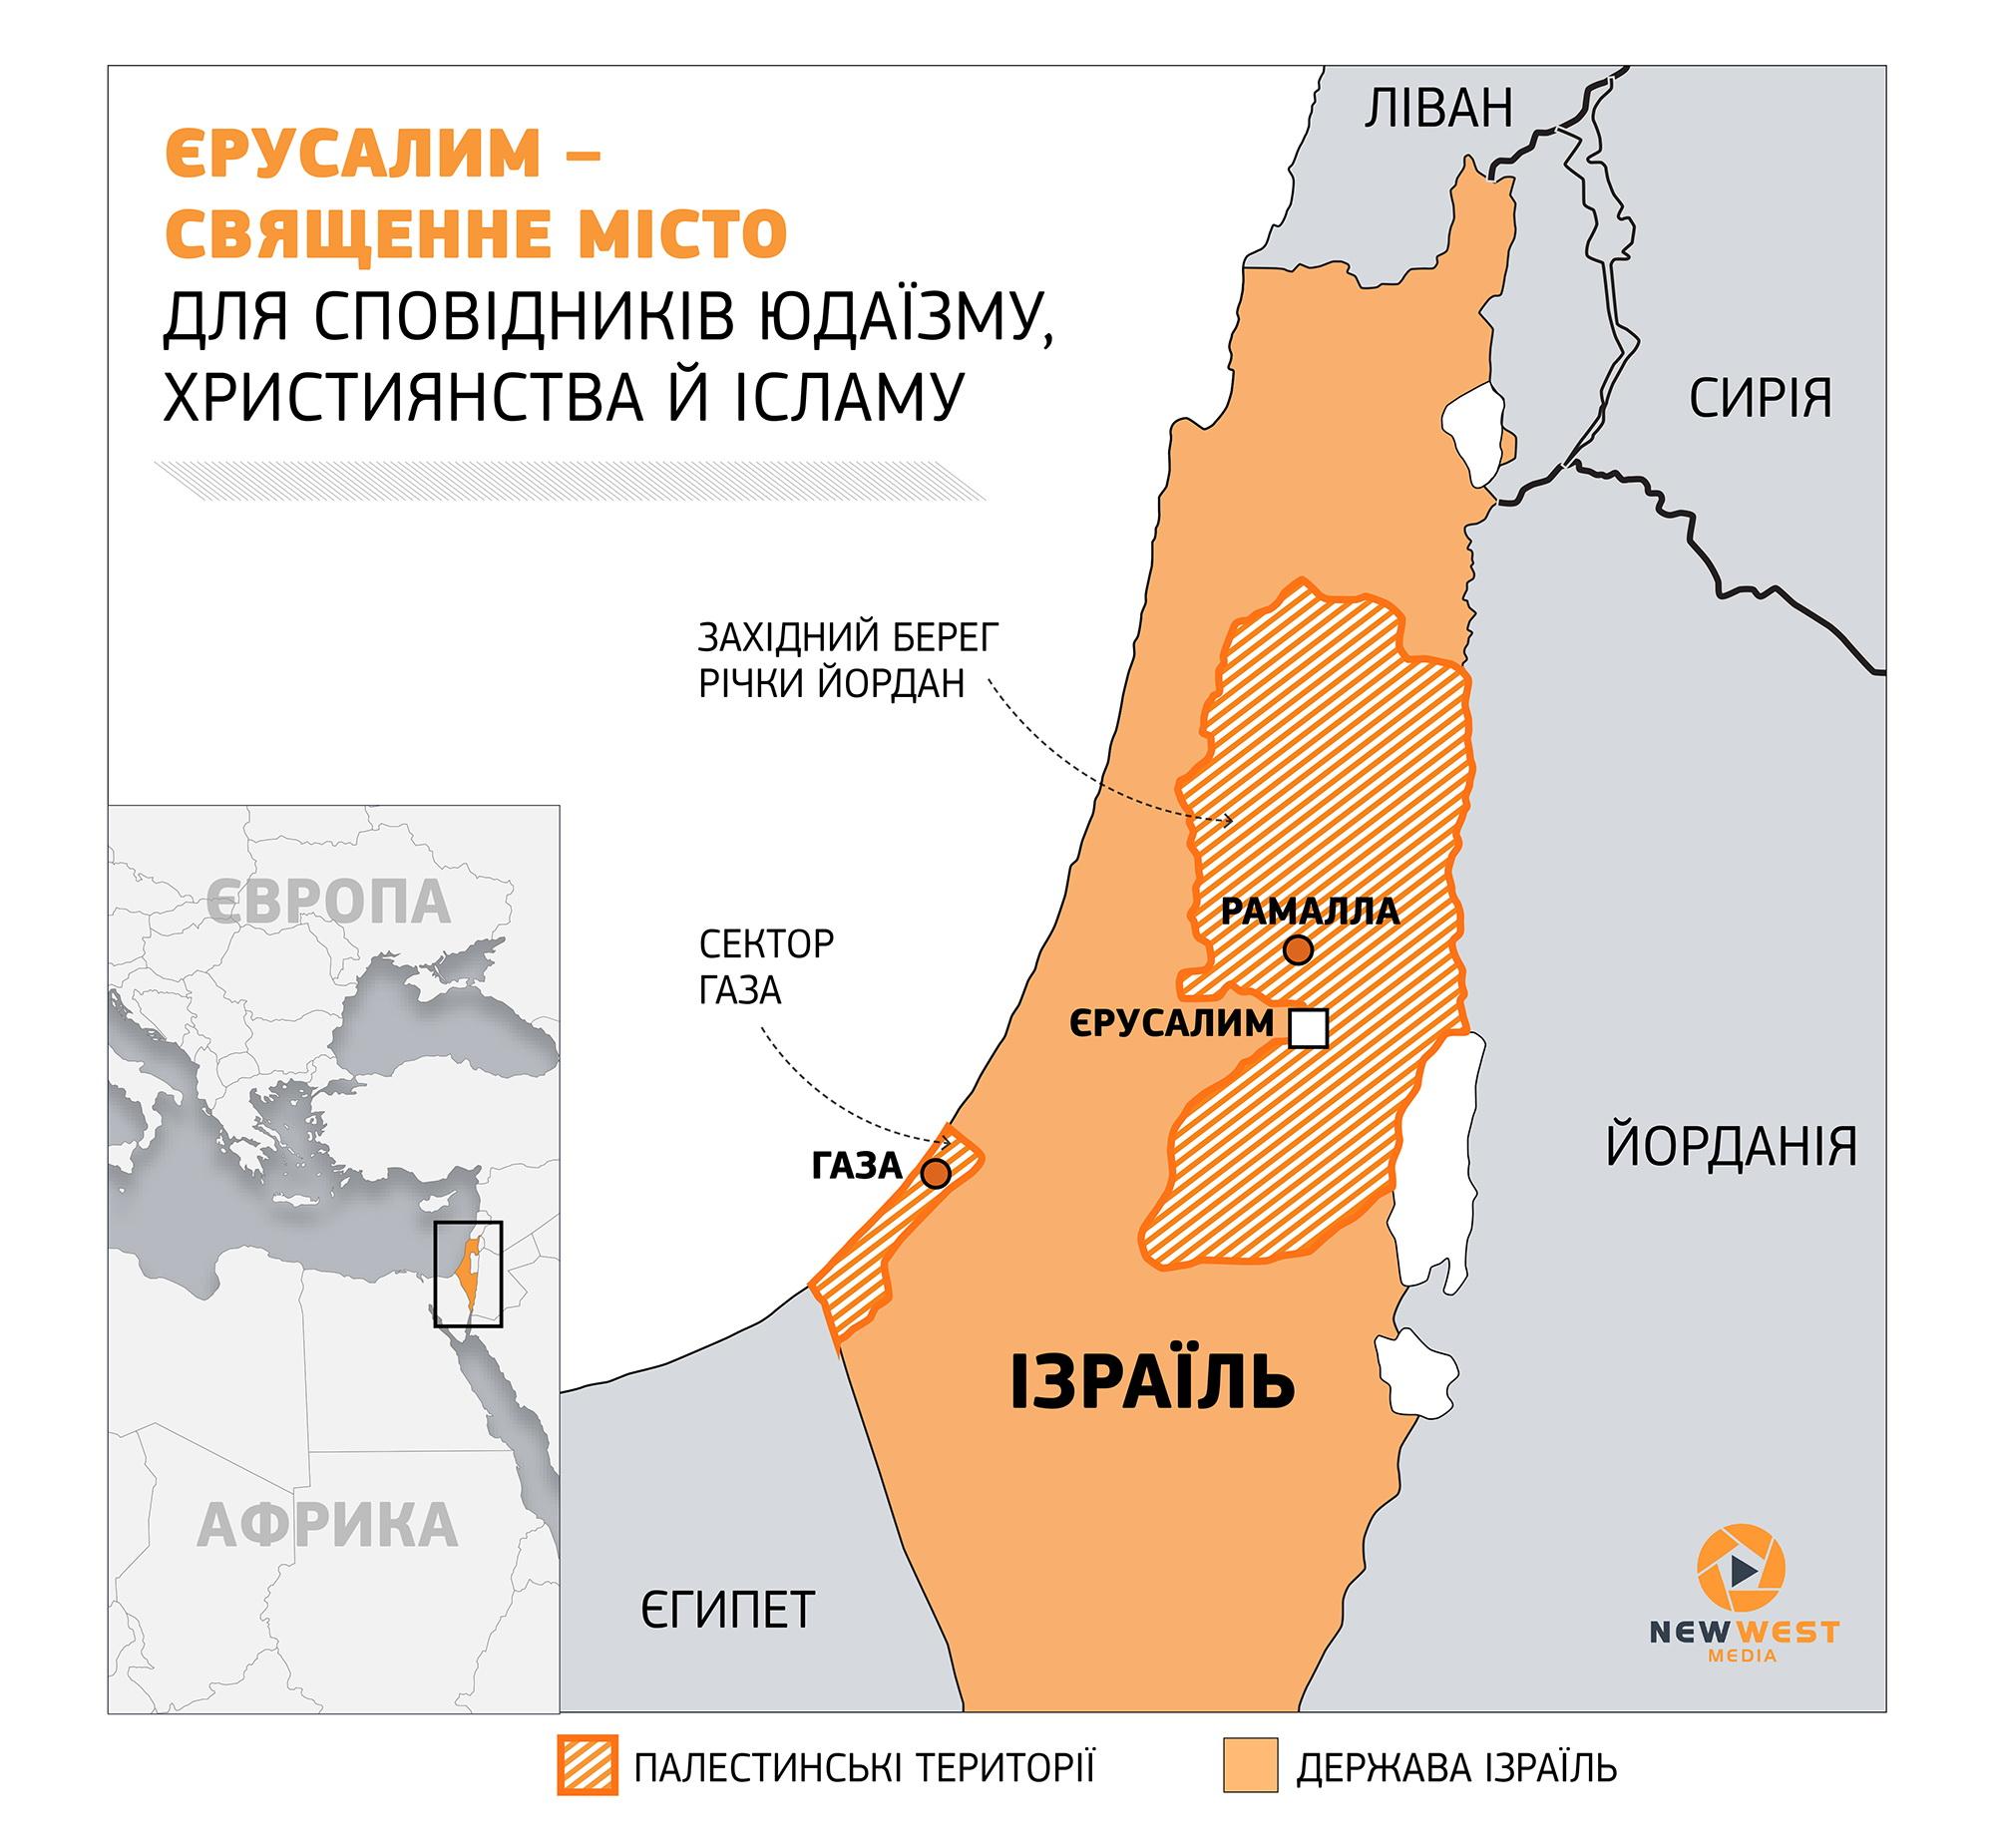 Лідери 57 мусульманських країн готові визнати Східний Єрусалим столицею Палестини